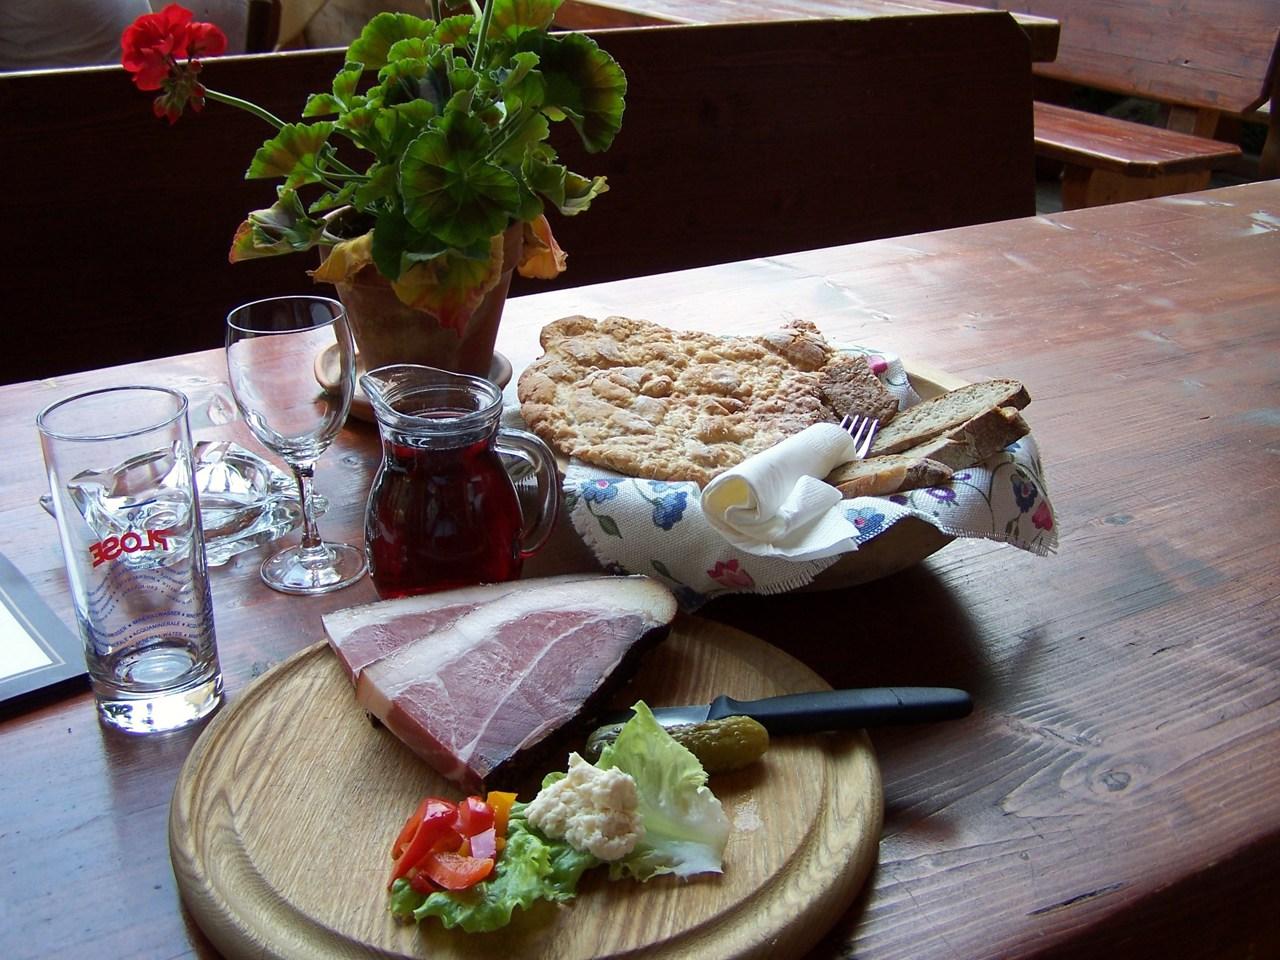 Gourmeturlaub In S 252 Dtirol Essen Amp Trinken In S 252 Dtirol